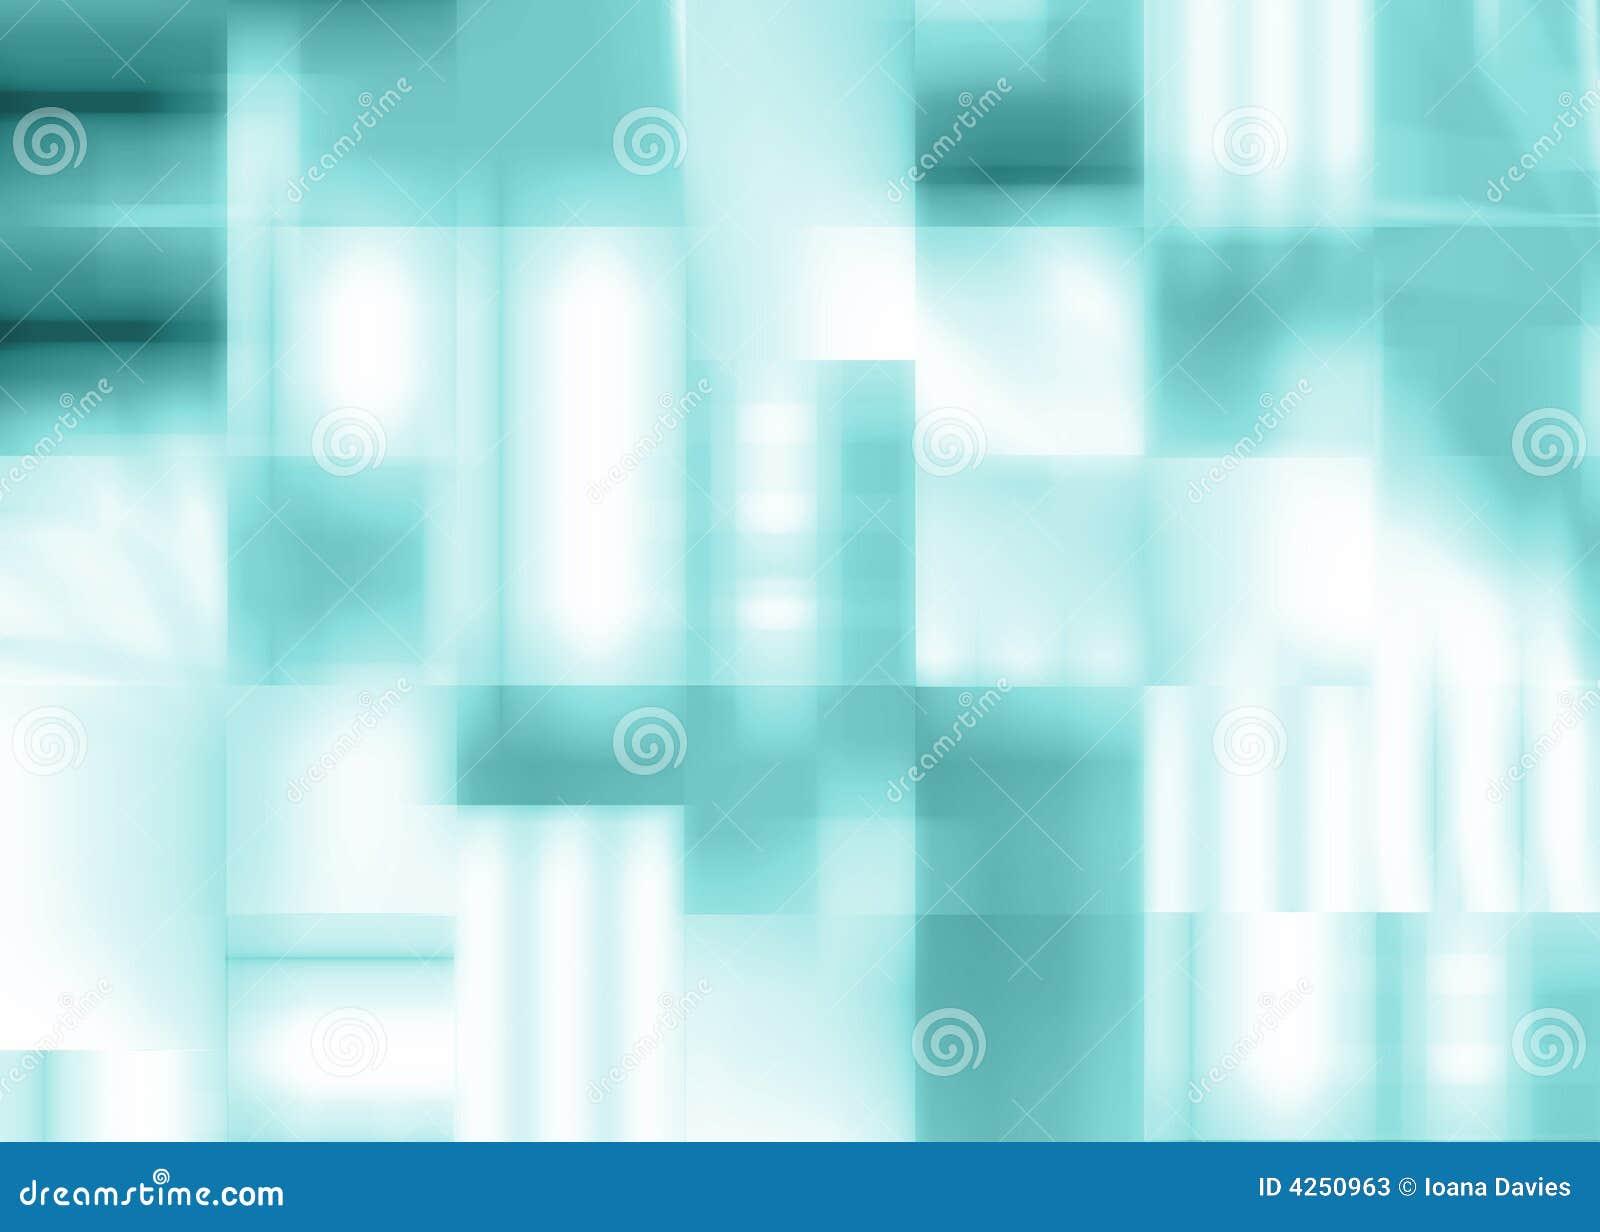 Fondo azul abstracto de cuadrados